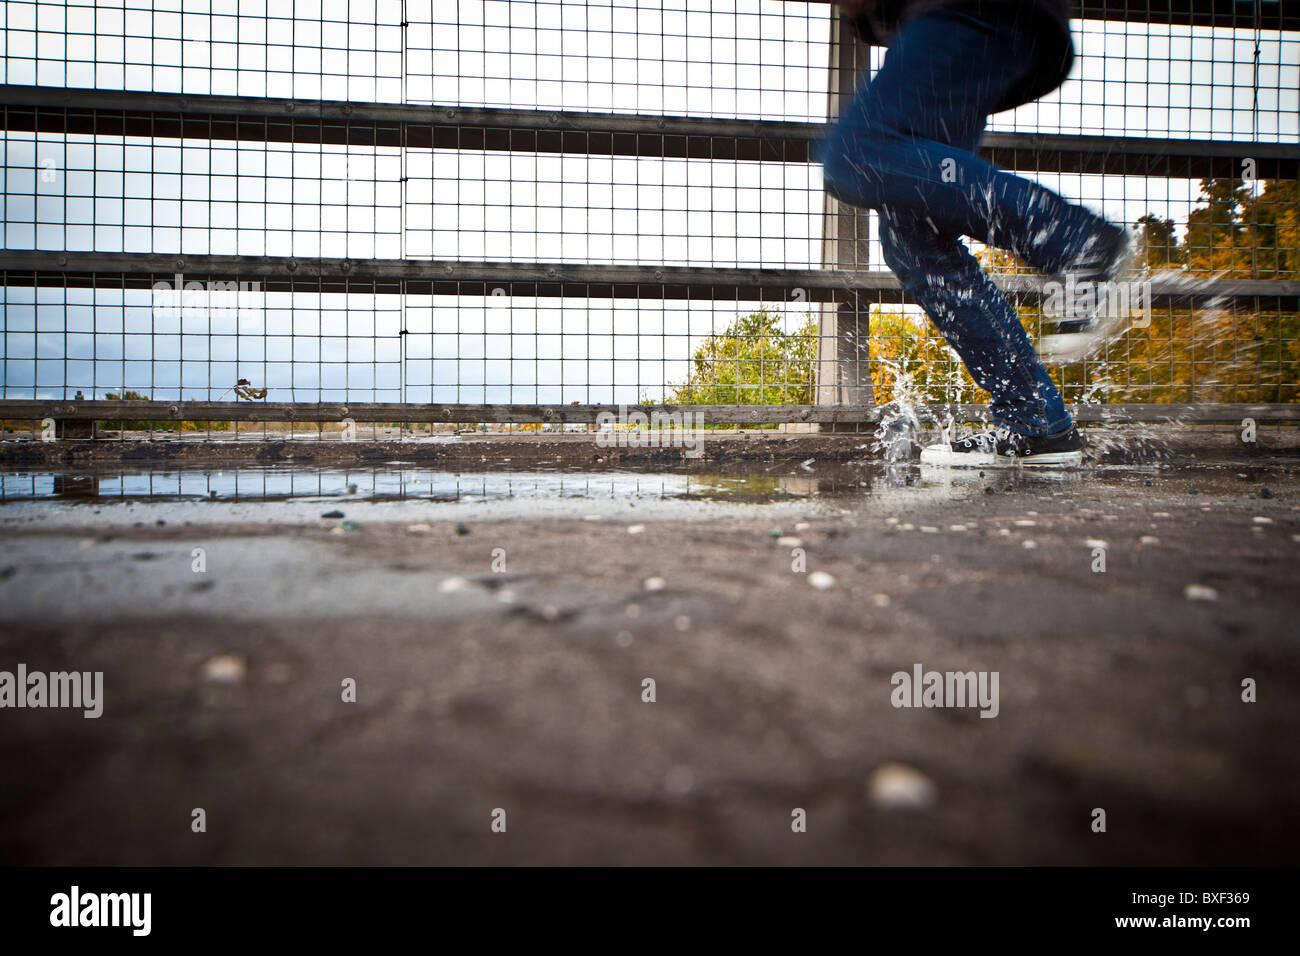 running outside - Stock Image